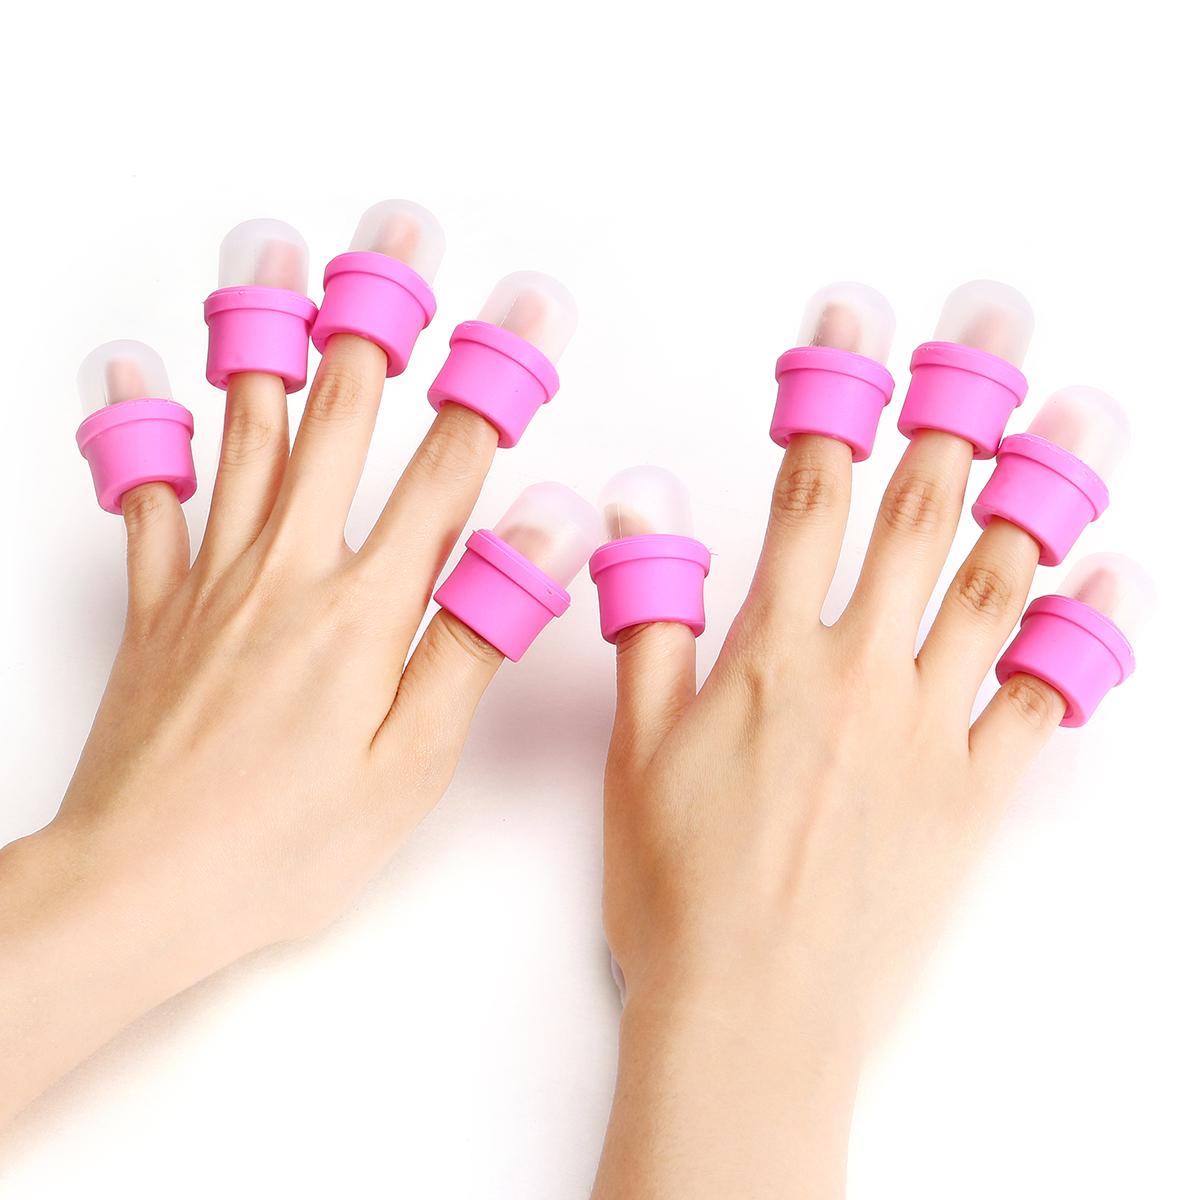 soak gel nails in nail polish remover photo - 2